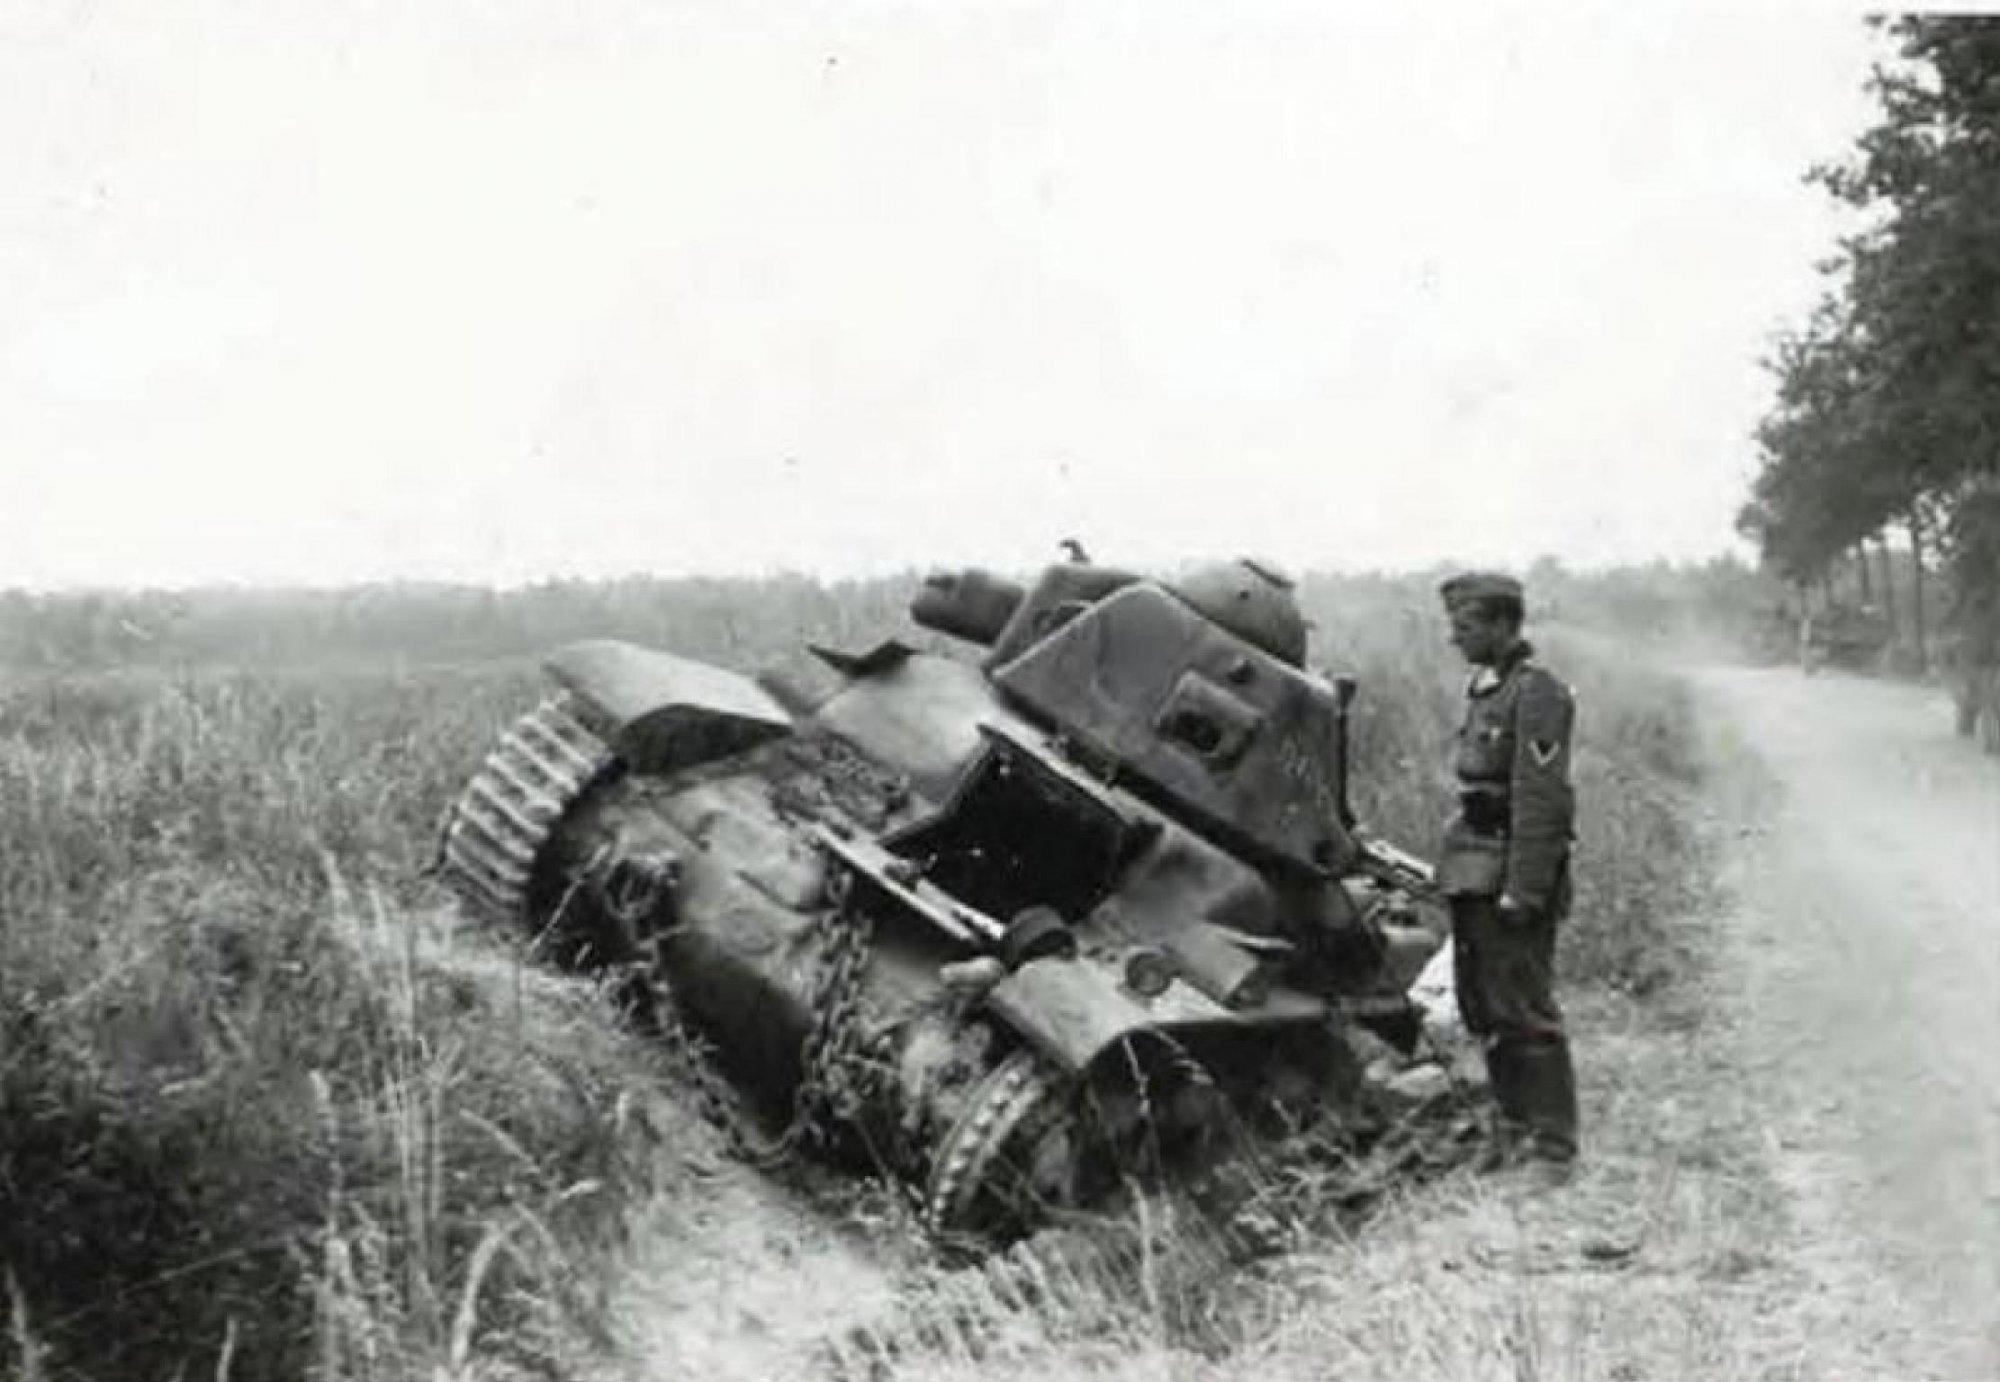 прошлом фото брошенной военной техники времен вов спрашивала почему